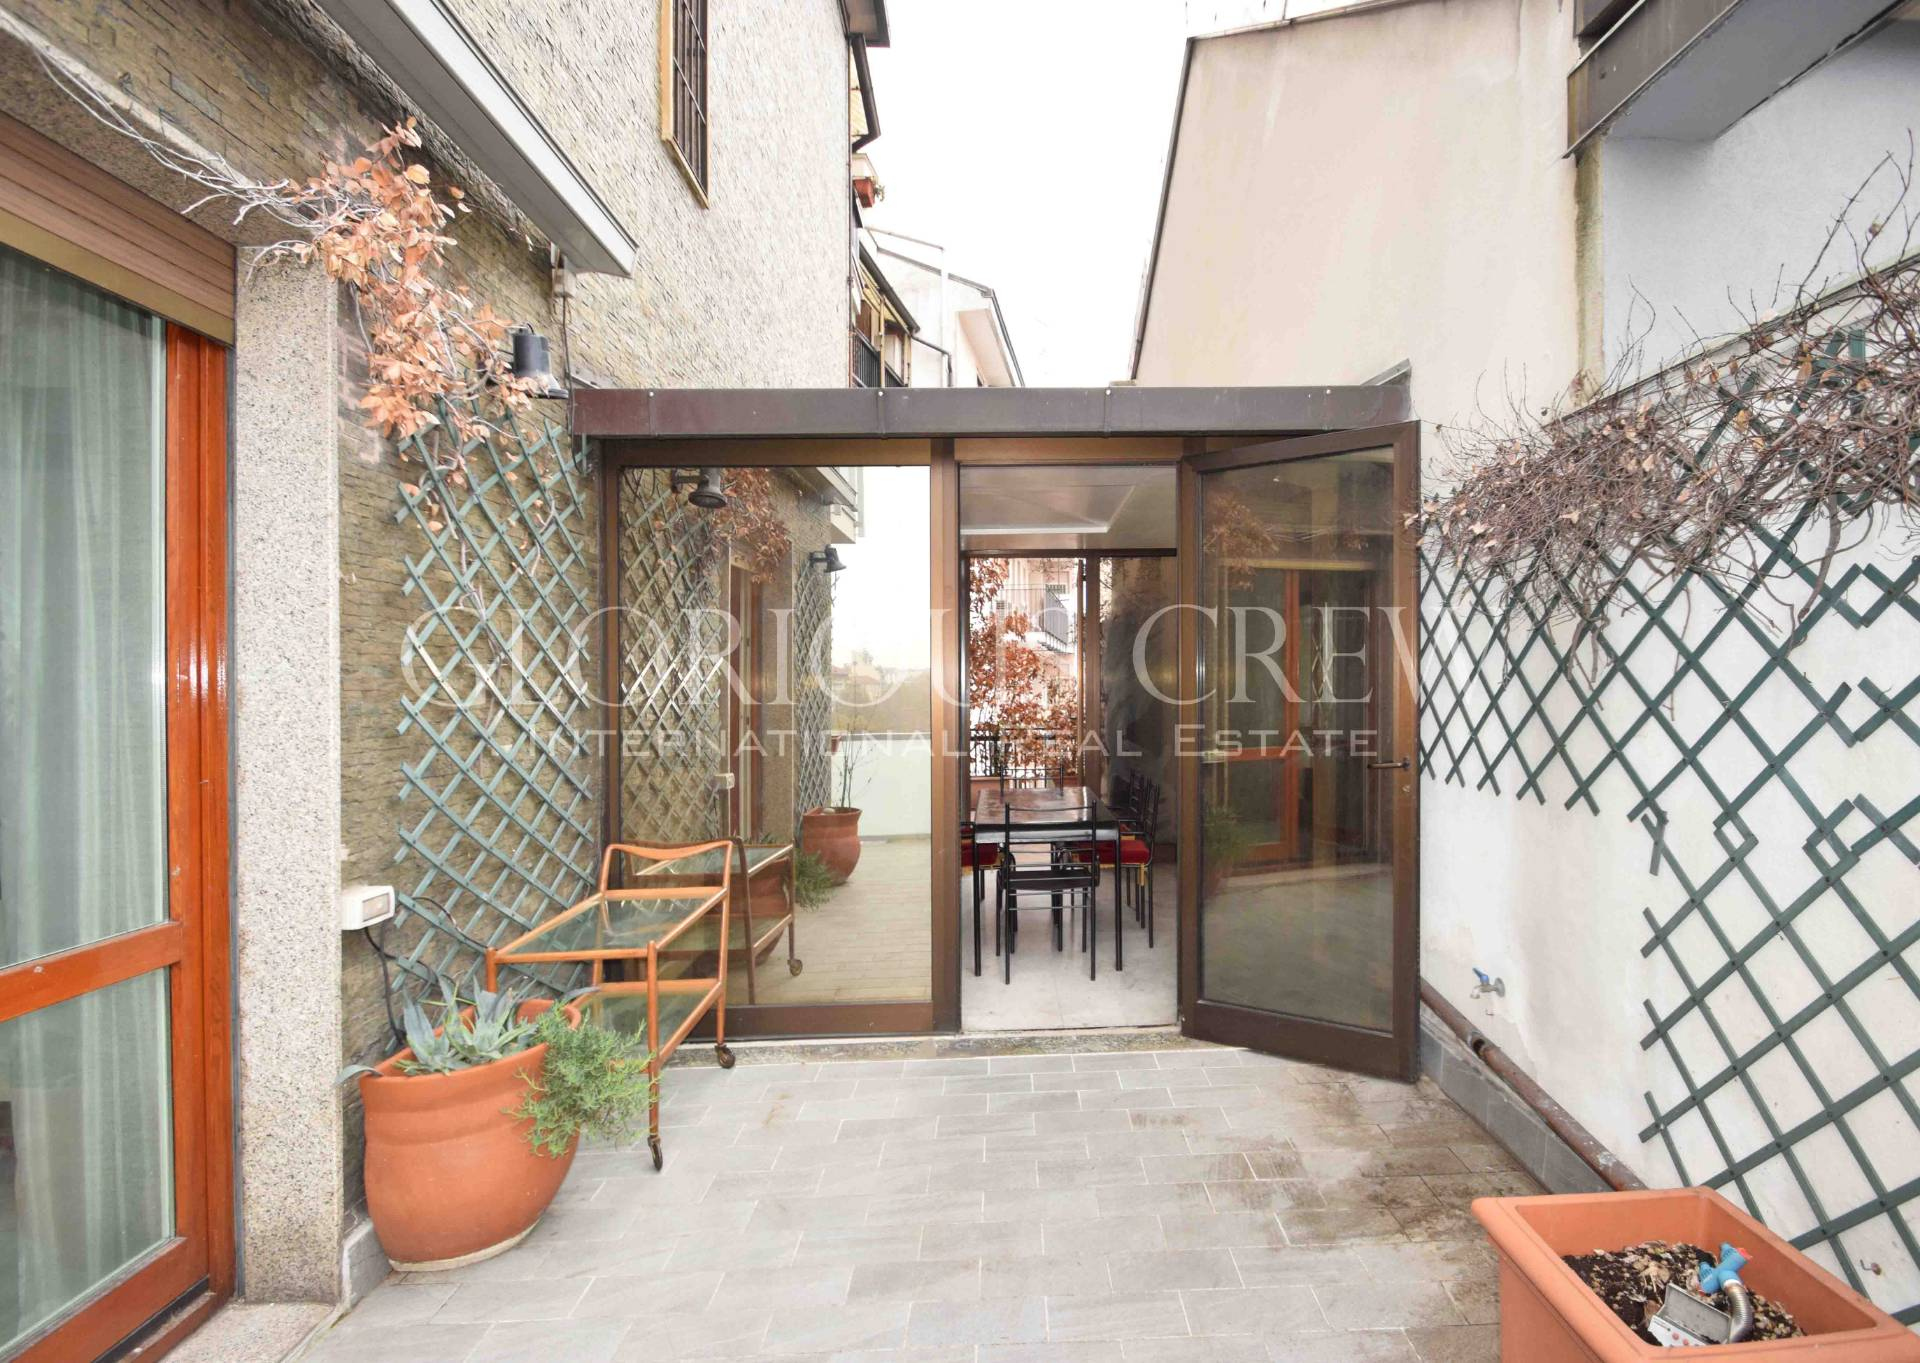 vendita appartamento milano xxii marzo  460000 euro  3 locali  110 mq